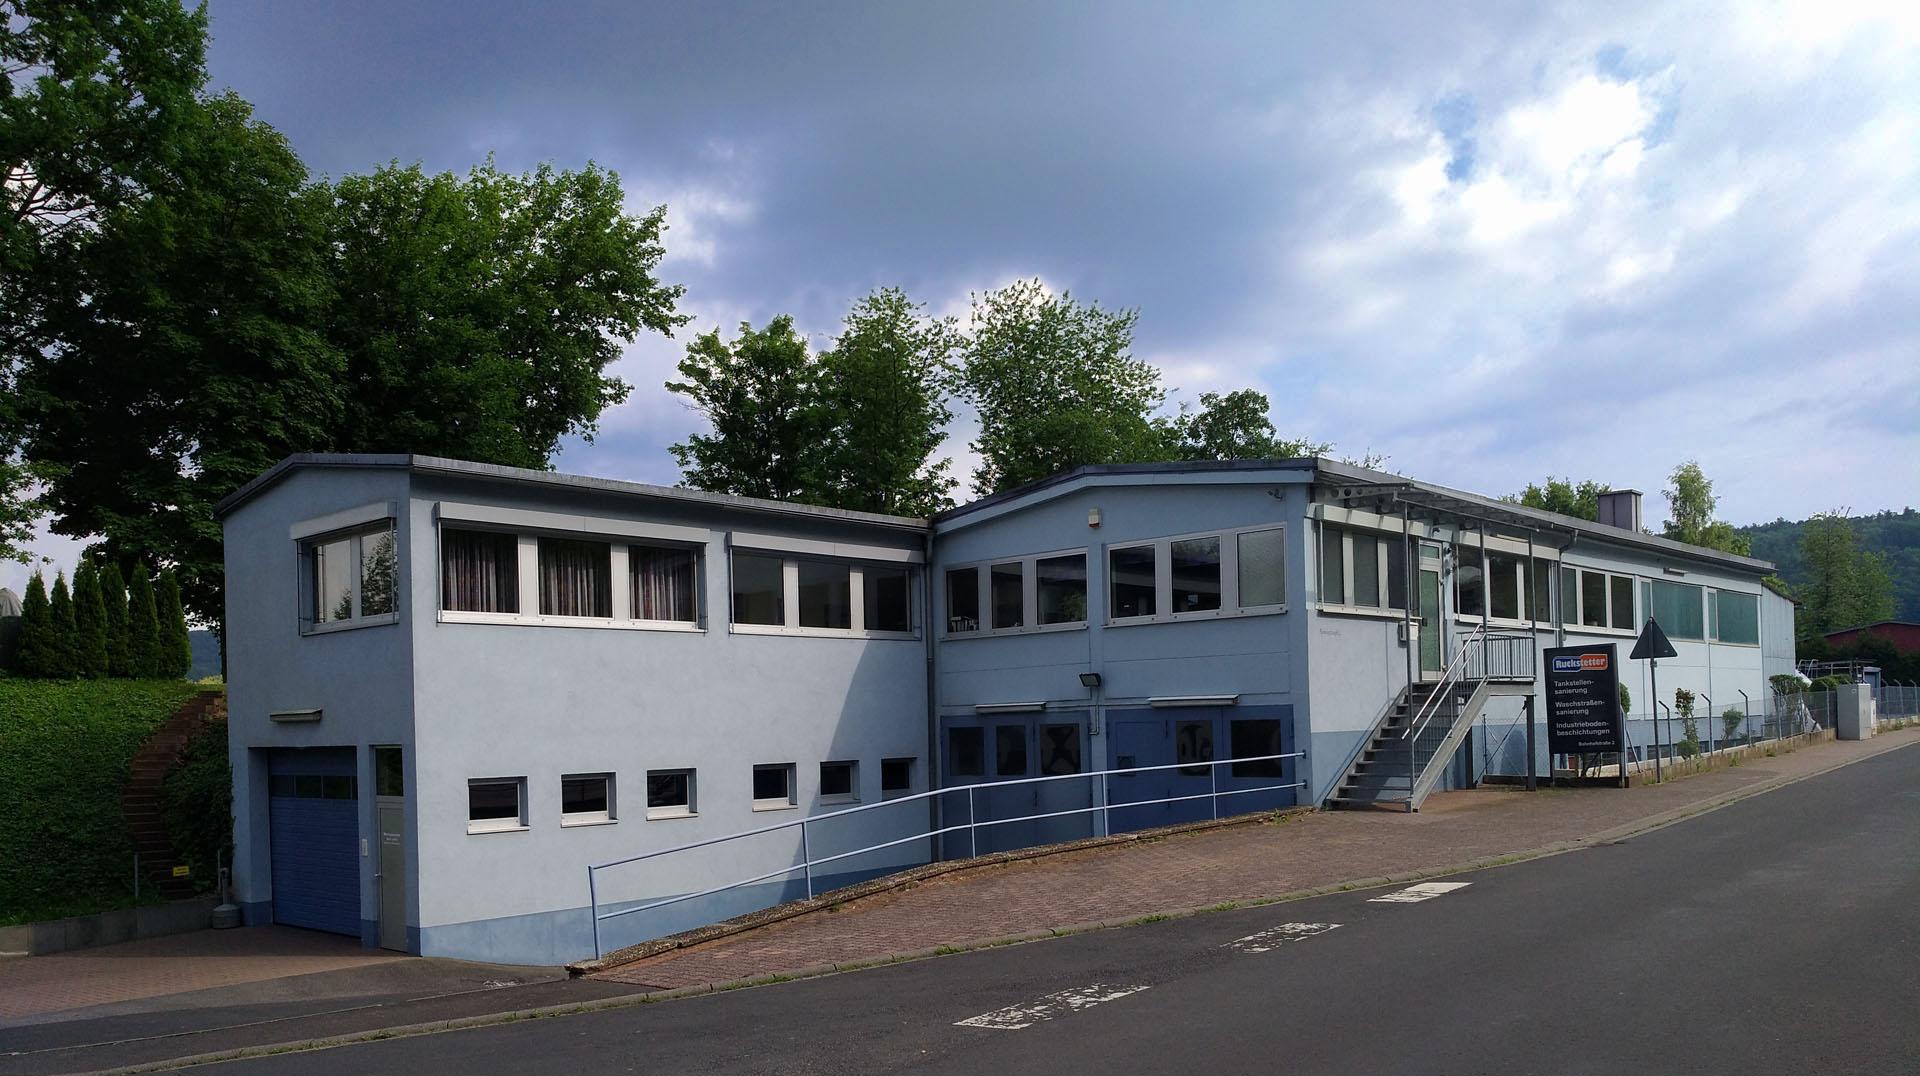 Ruckstetter GmbH